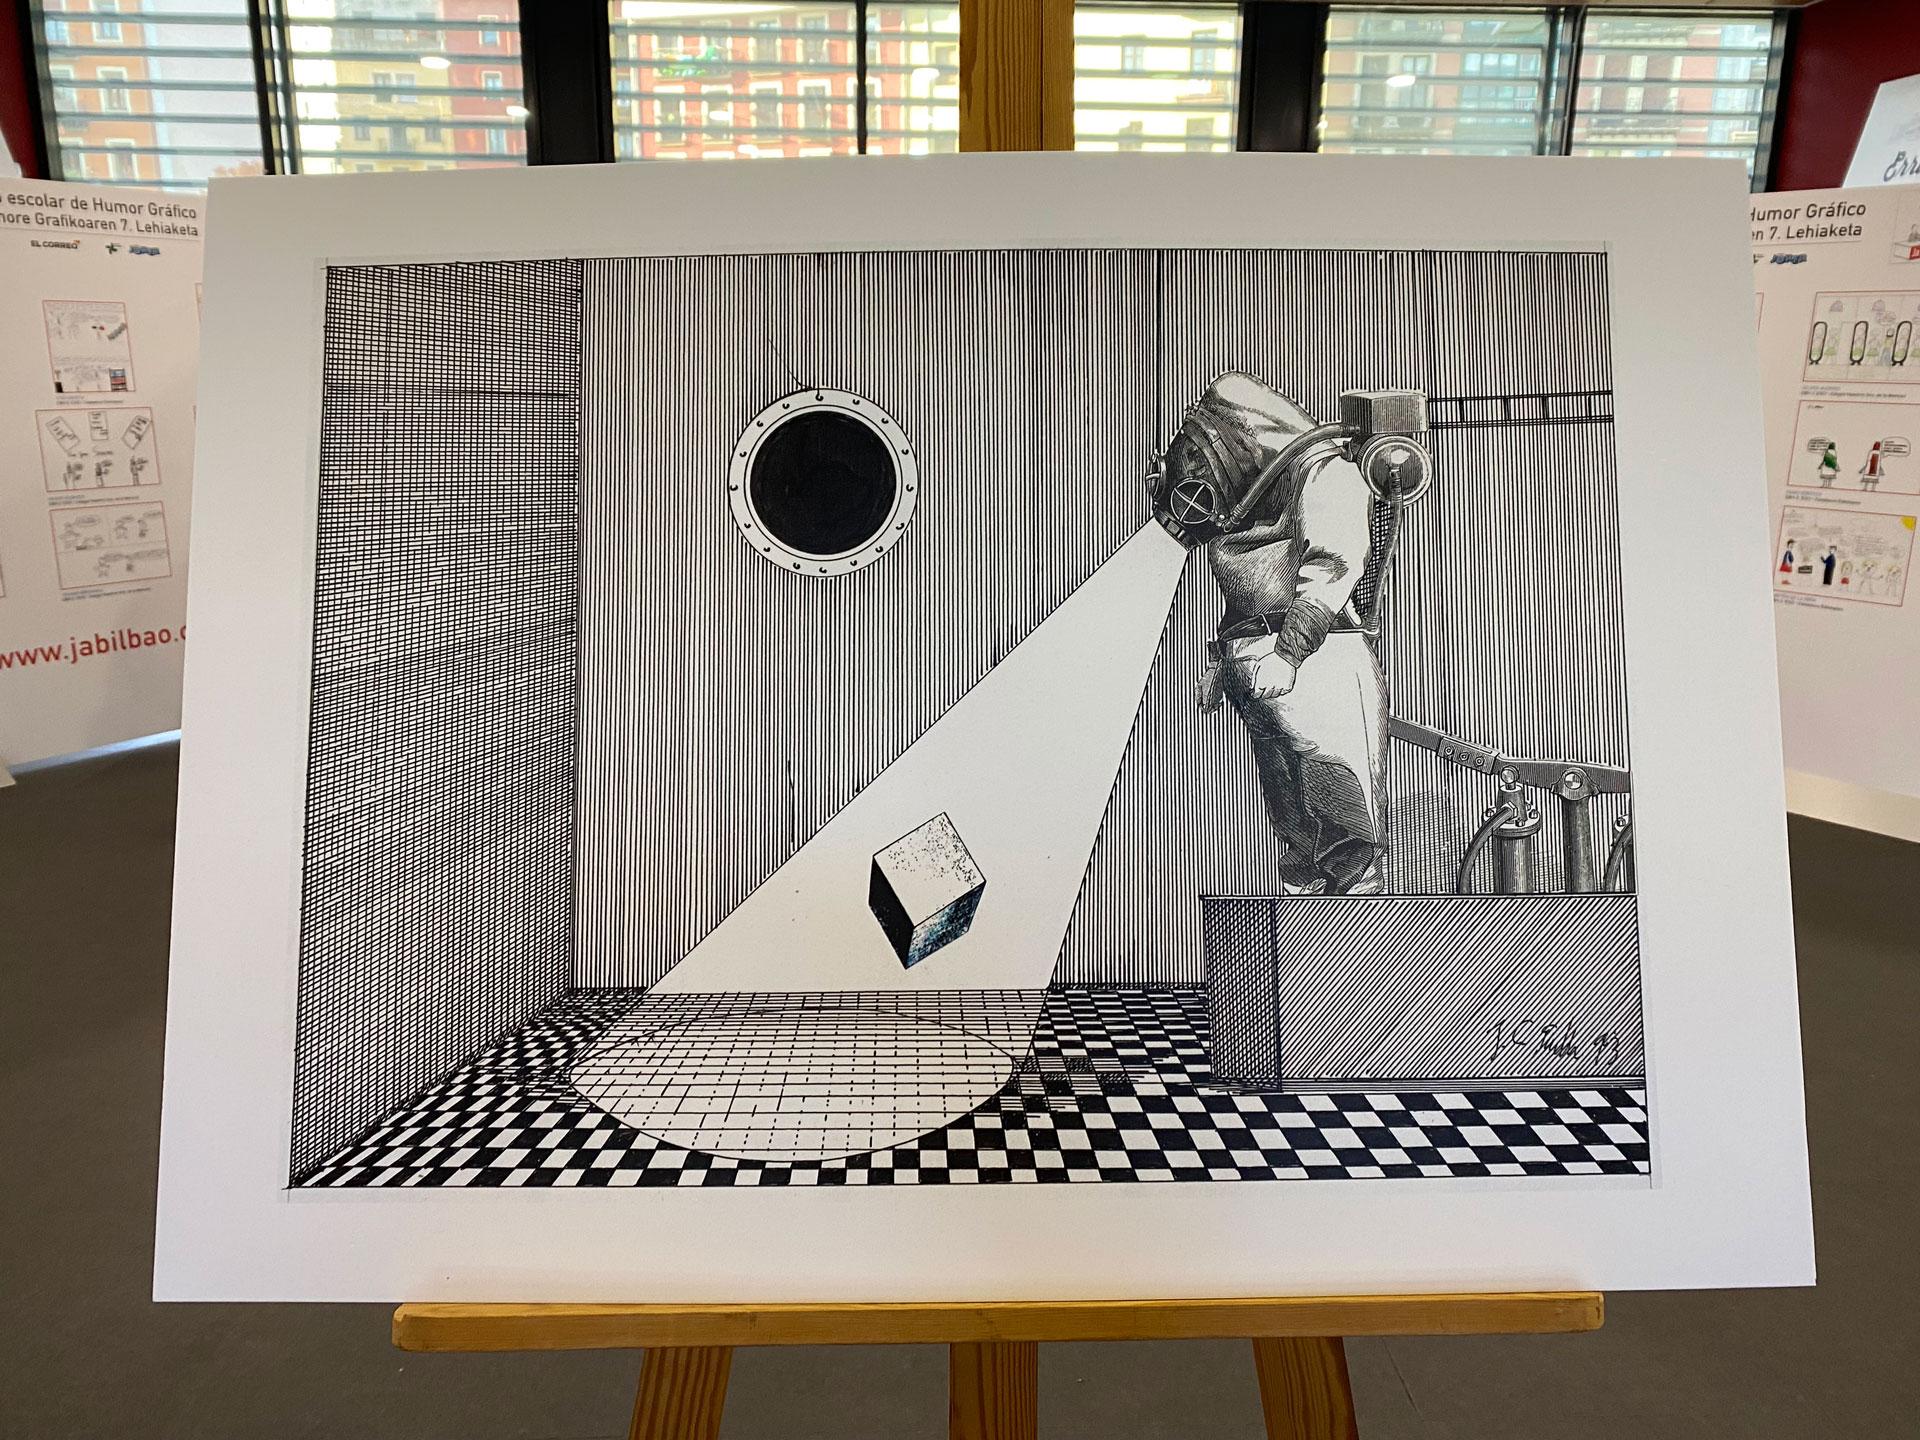 Una de las obras de Juan Carlos Eguillor